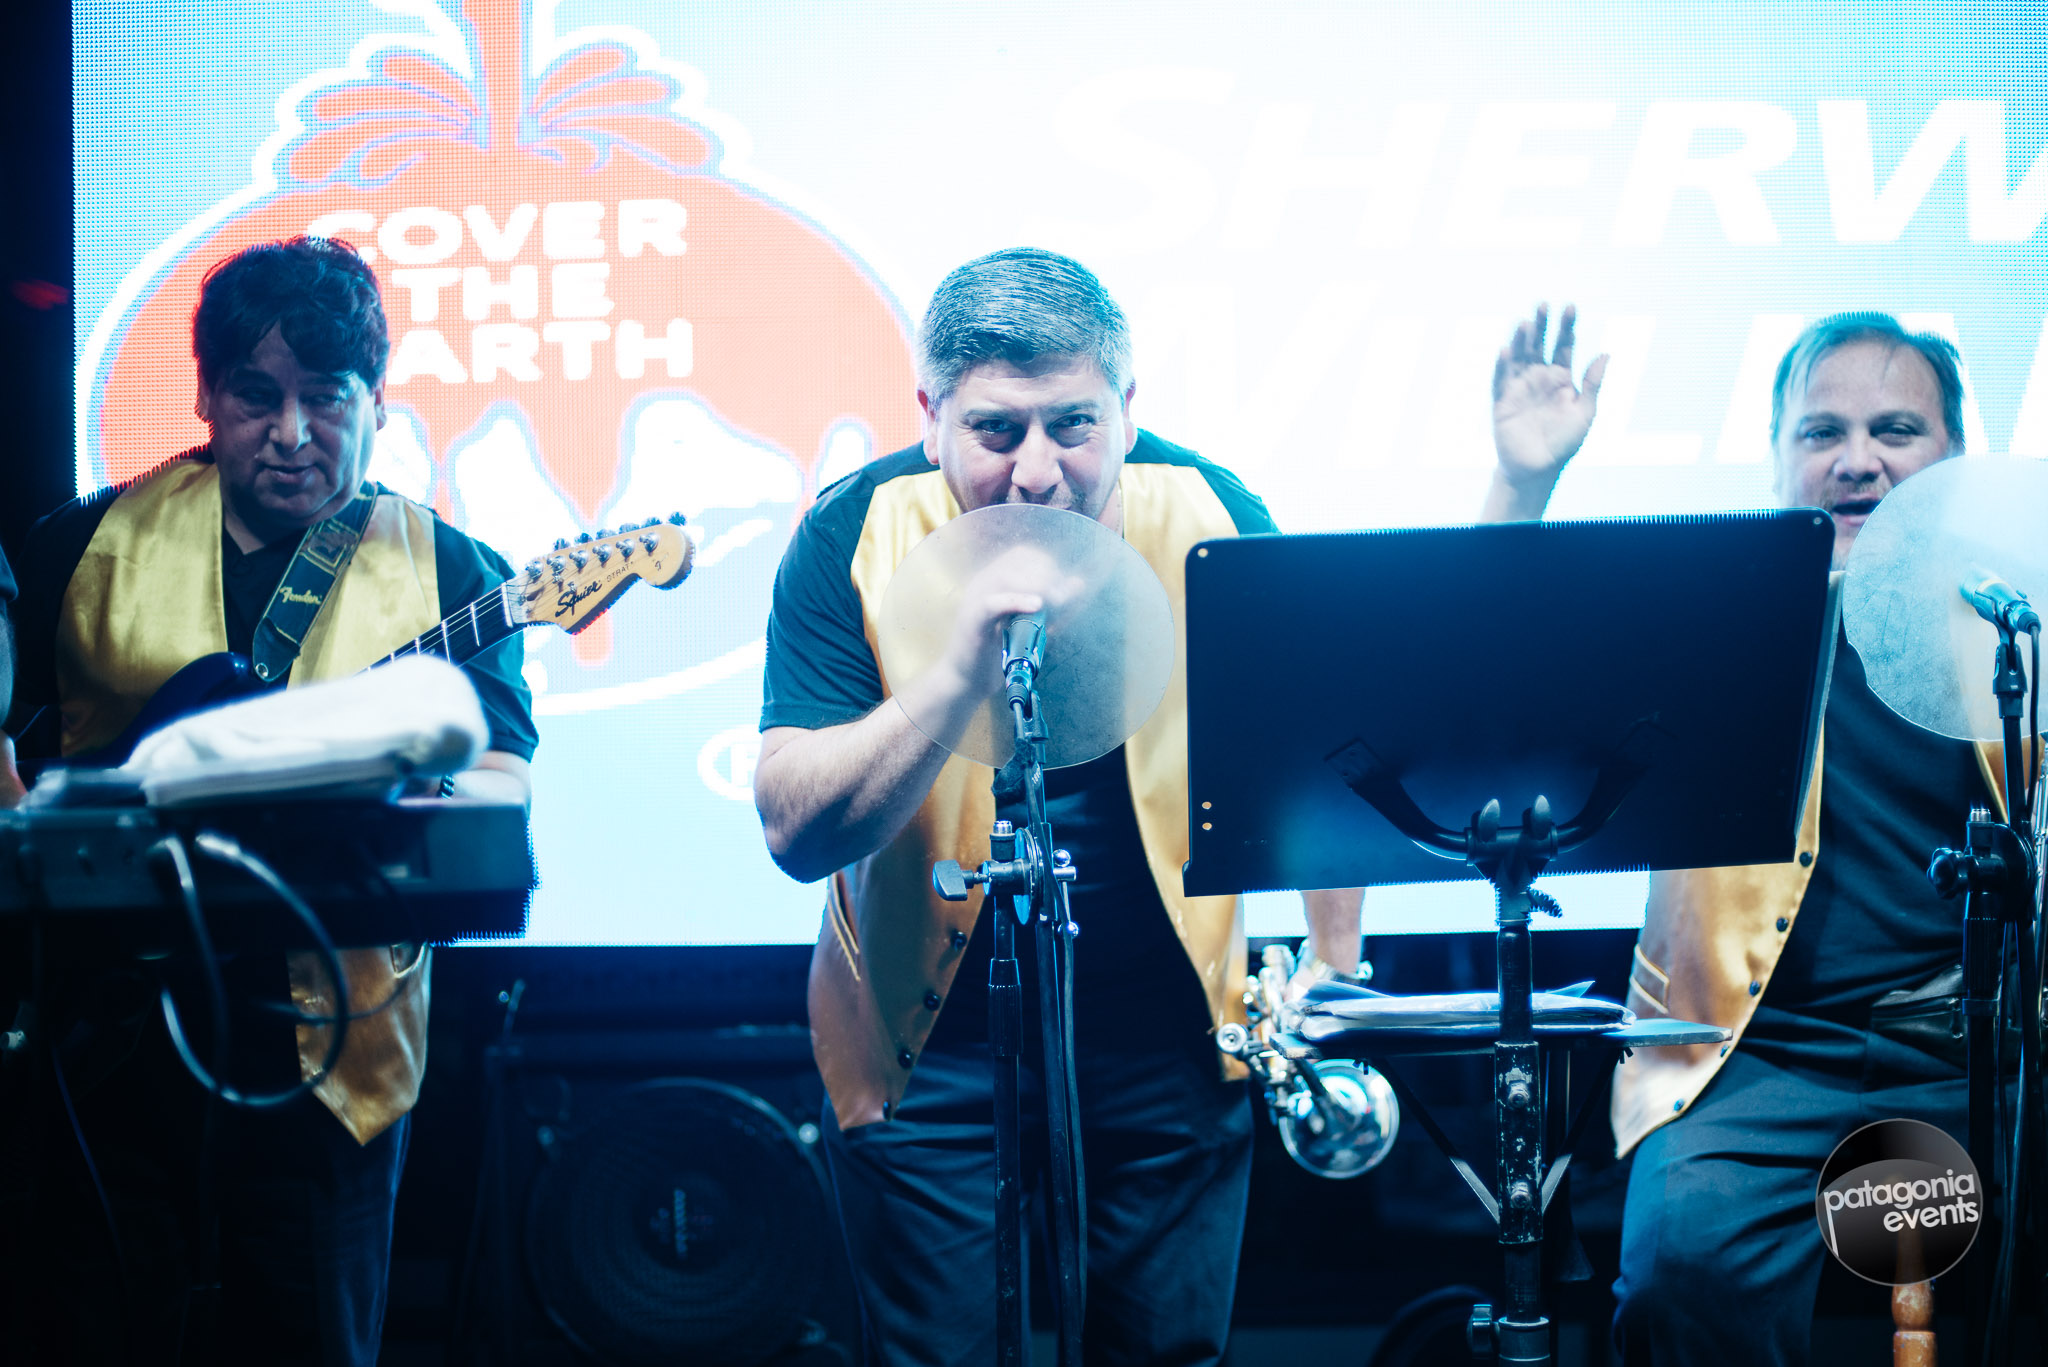 06052017_patagonia_events_parrilladas_303